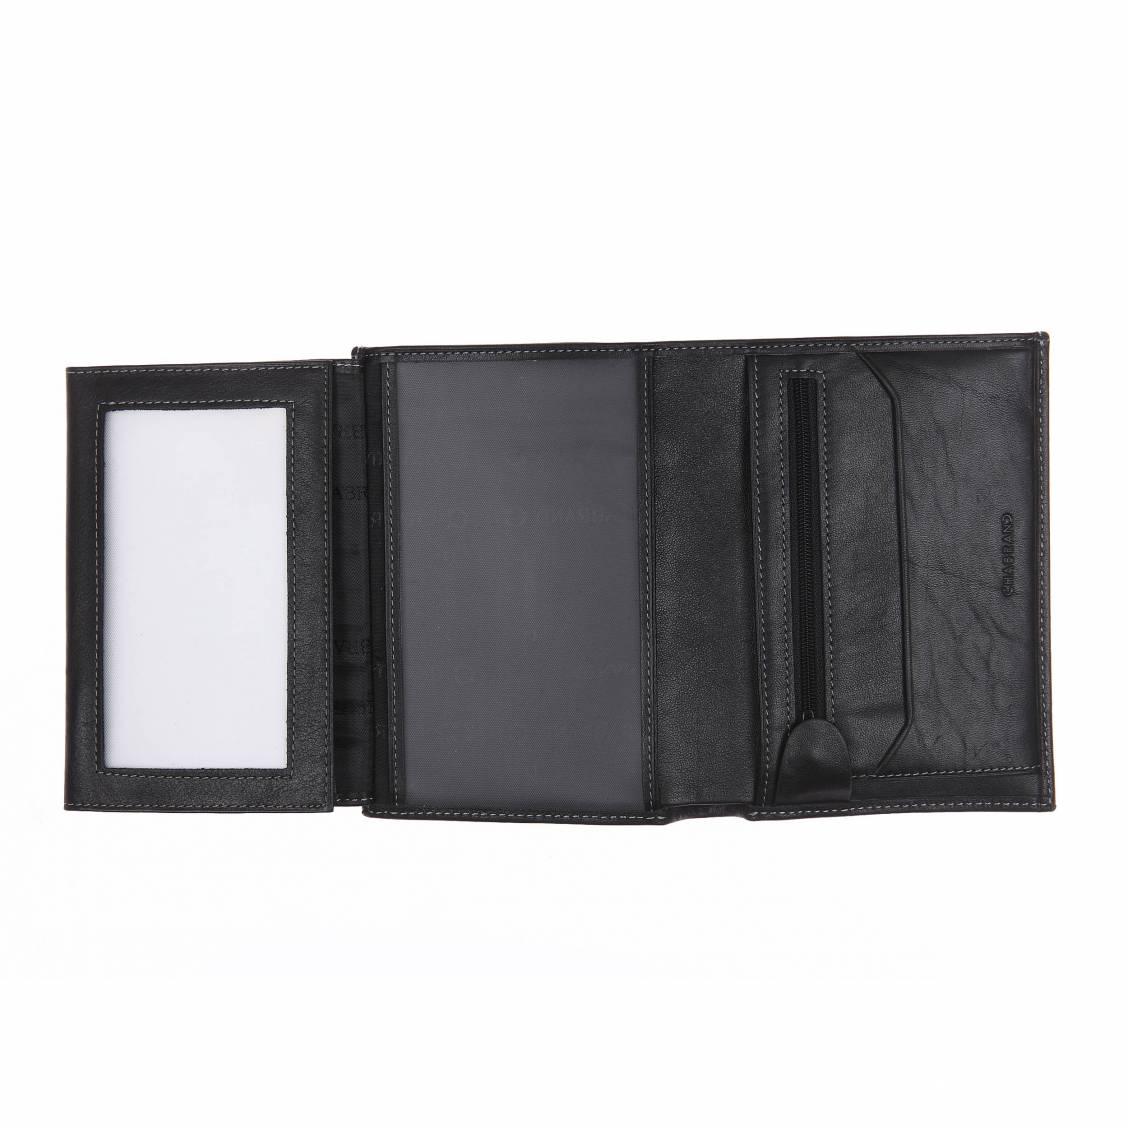 Portefeuille européen à multiples poches transparentes Chabrand noir BdzZRr